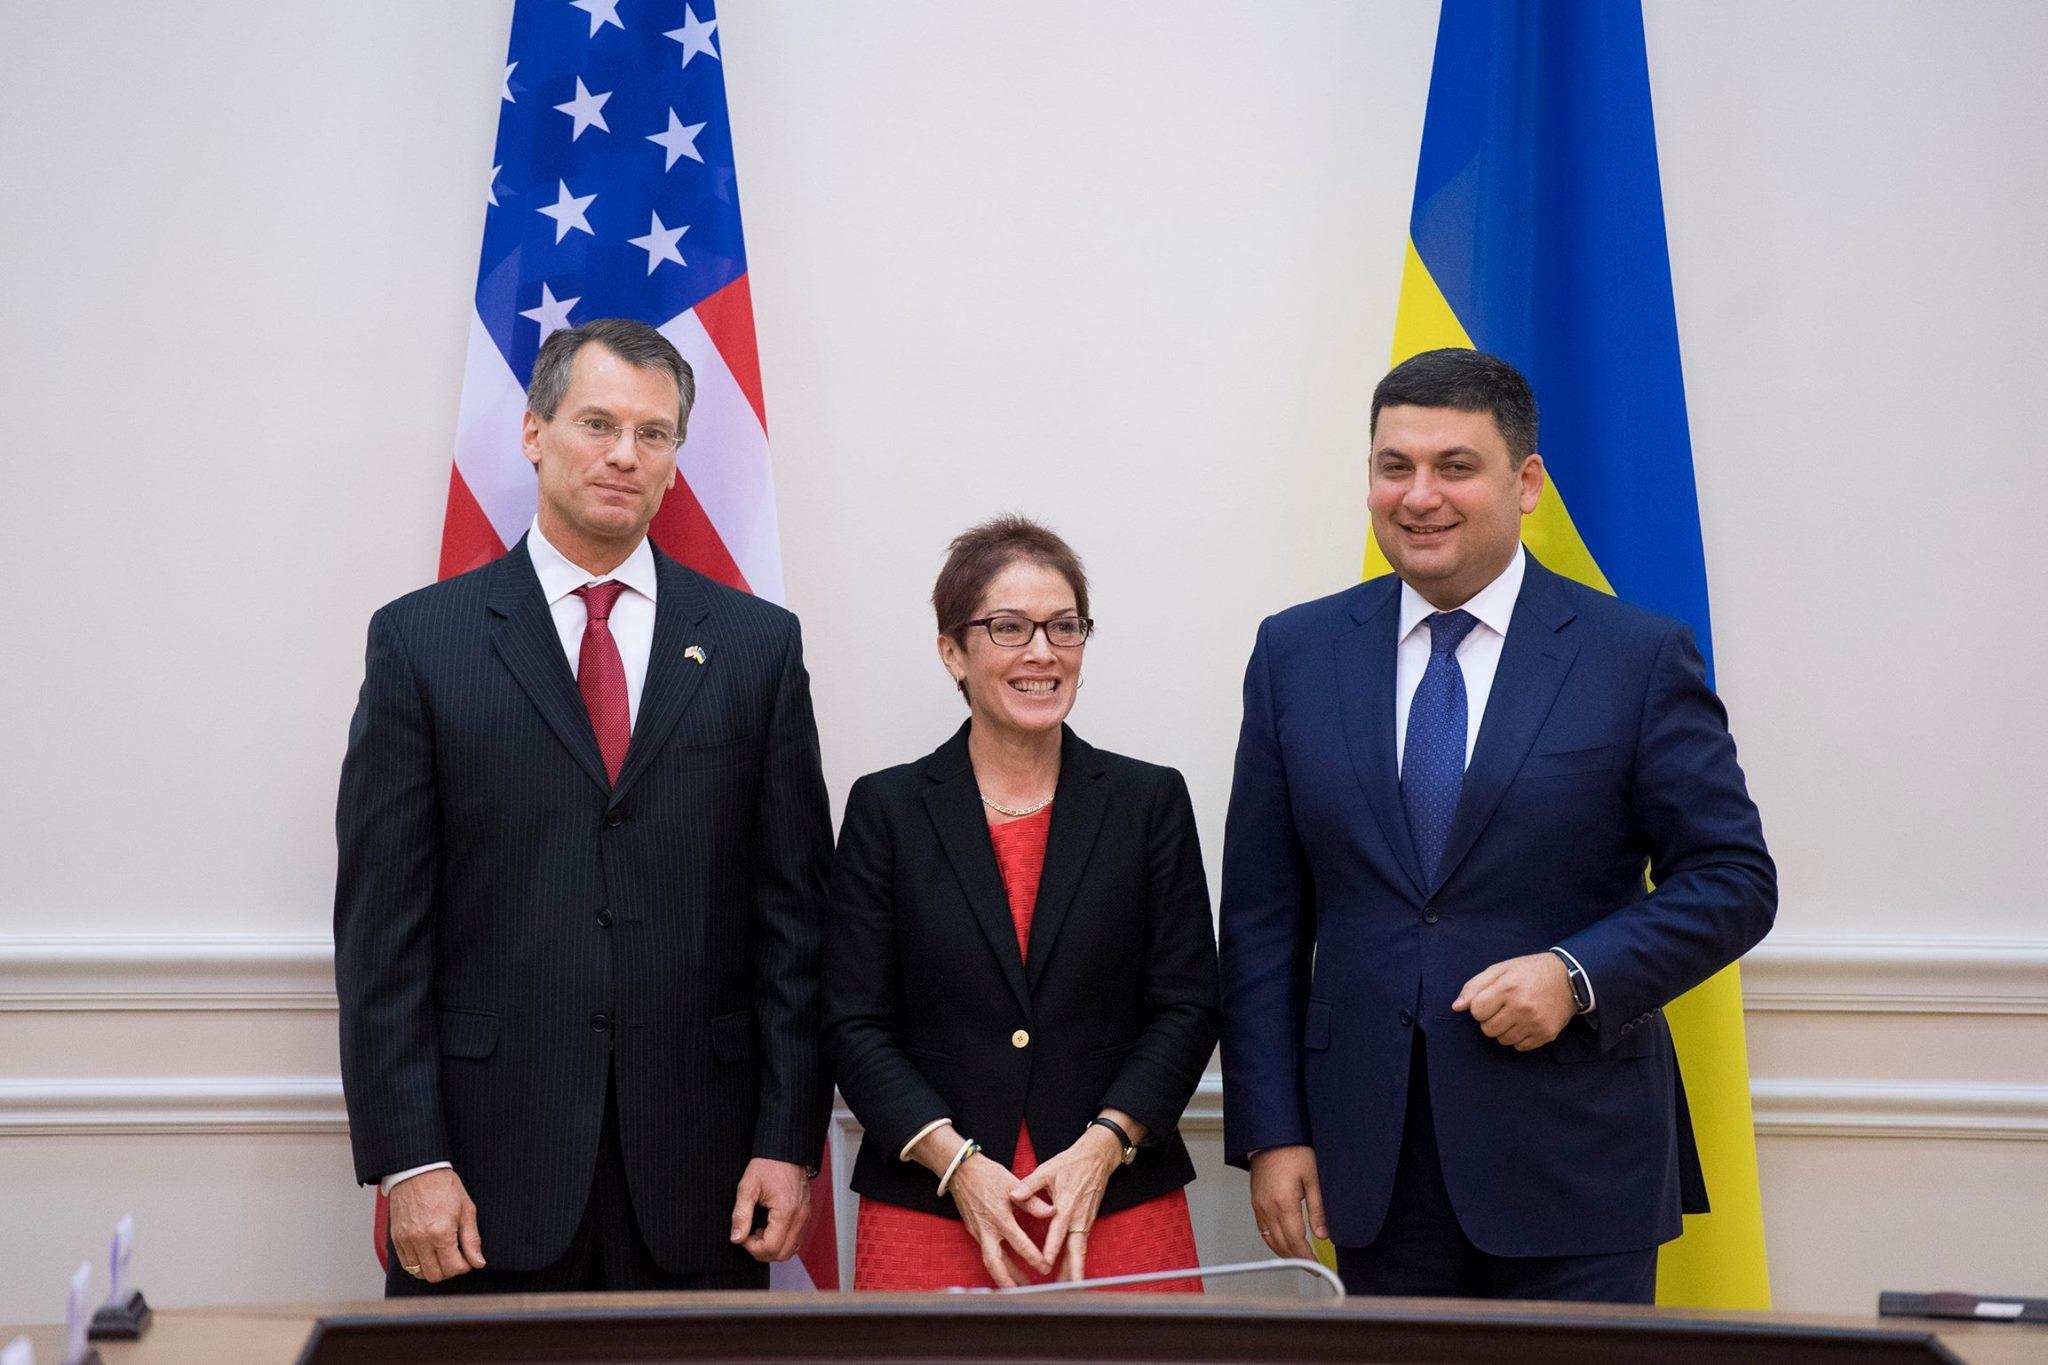 Гройсман зустрівся з делегацією США та обговорив реформи на митниці і у прикордонників - фото 1